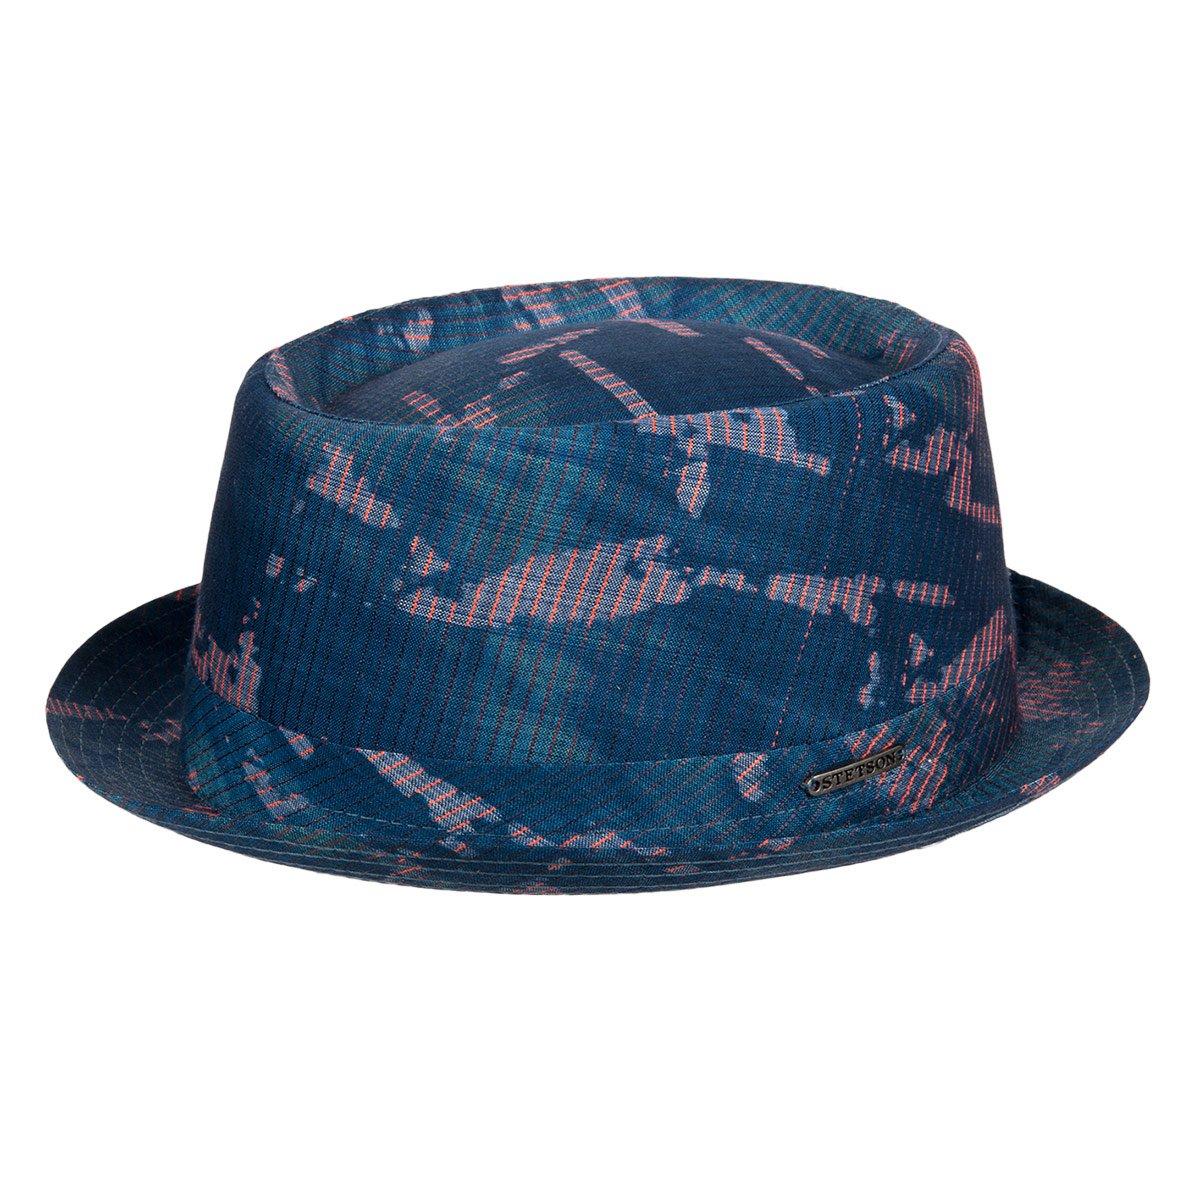 prezzo scontato ufficiale più votato autorizzazione STETSON   Pork Pie Stripes cappello estivo